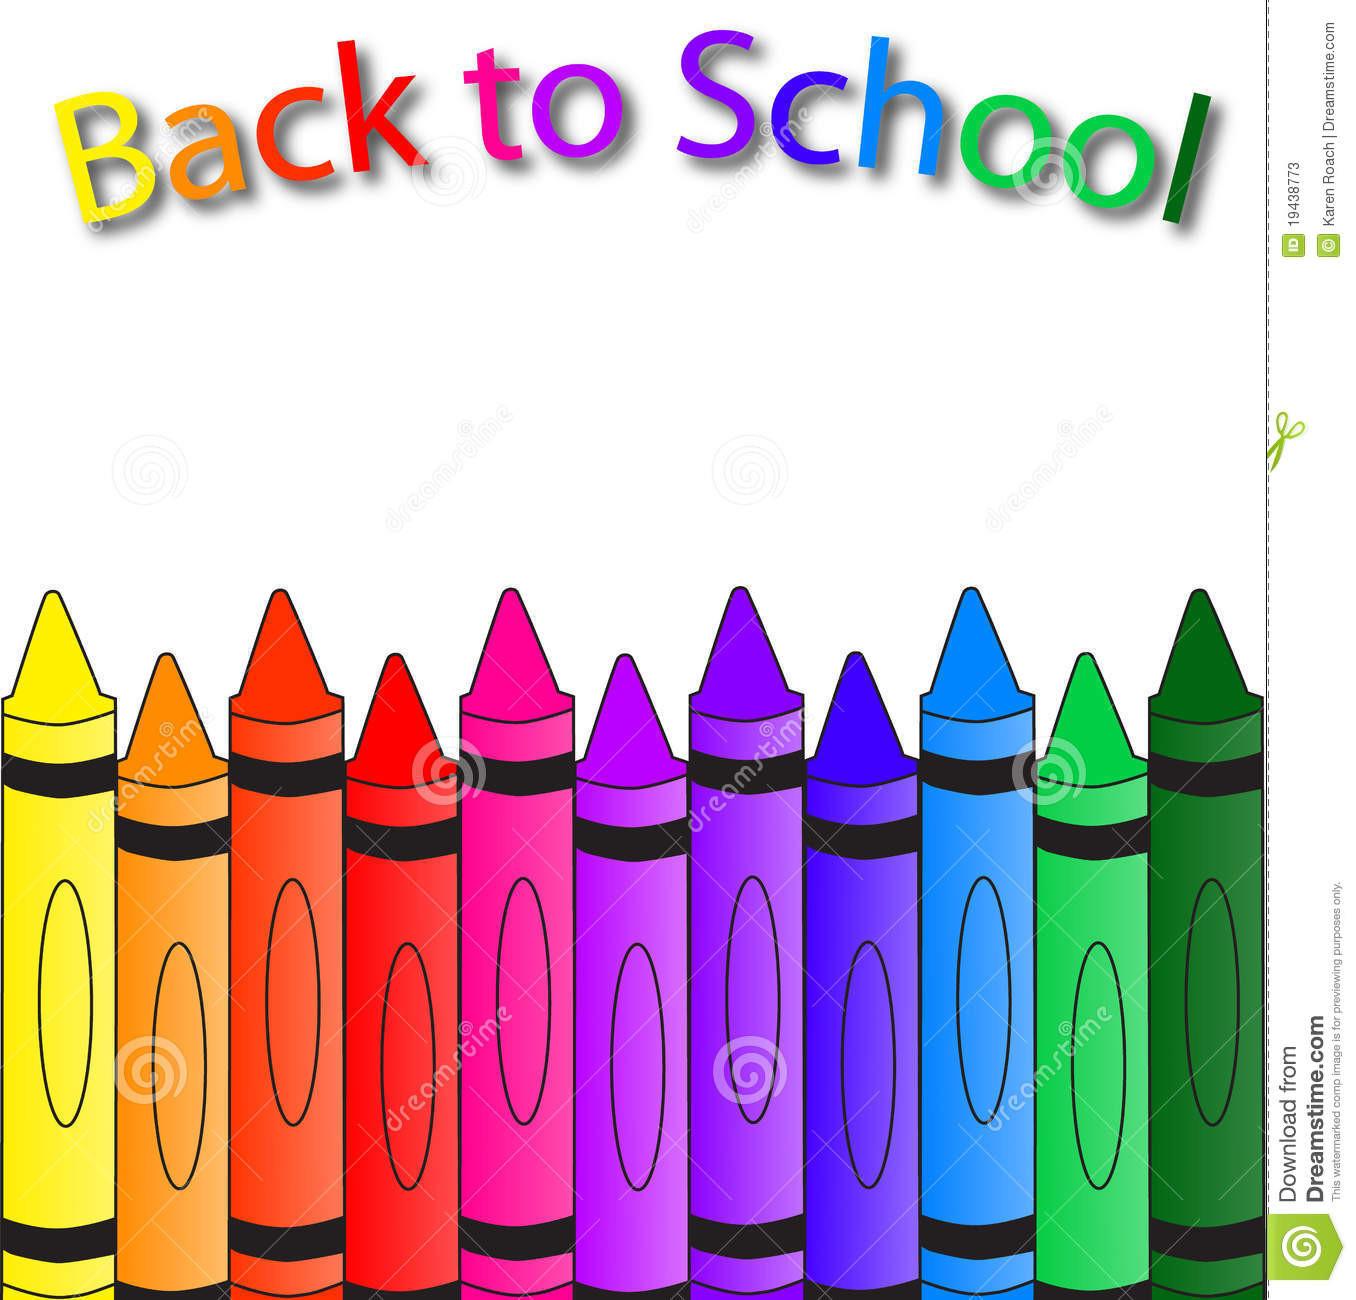 1356x1300 Crayola Crayons Clipart Elementary School Border Crayon 19438773